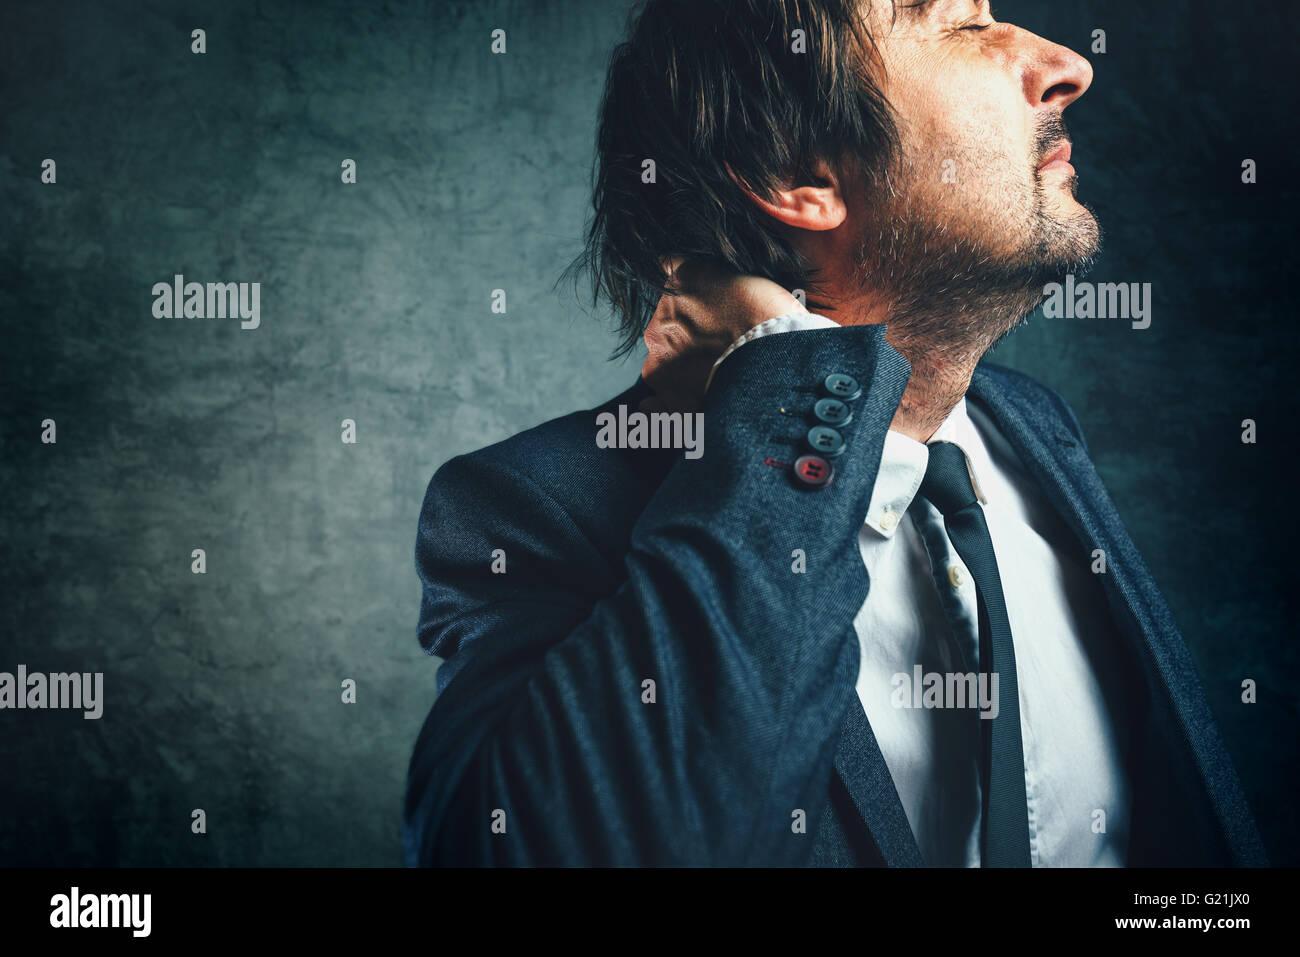 La douleur dans le cou d'un homme d'affaires, a souligné en costume élégant souffrant d'oiseau. Photo Stock